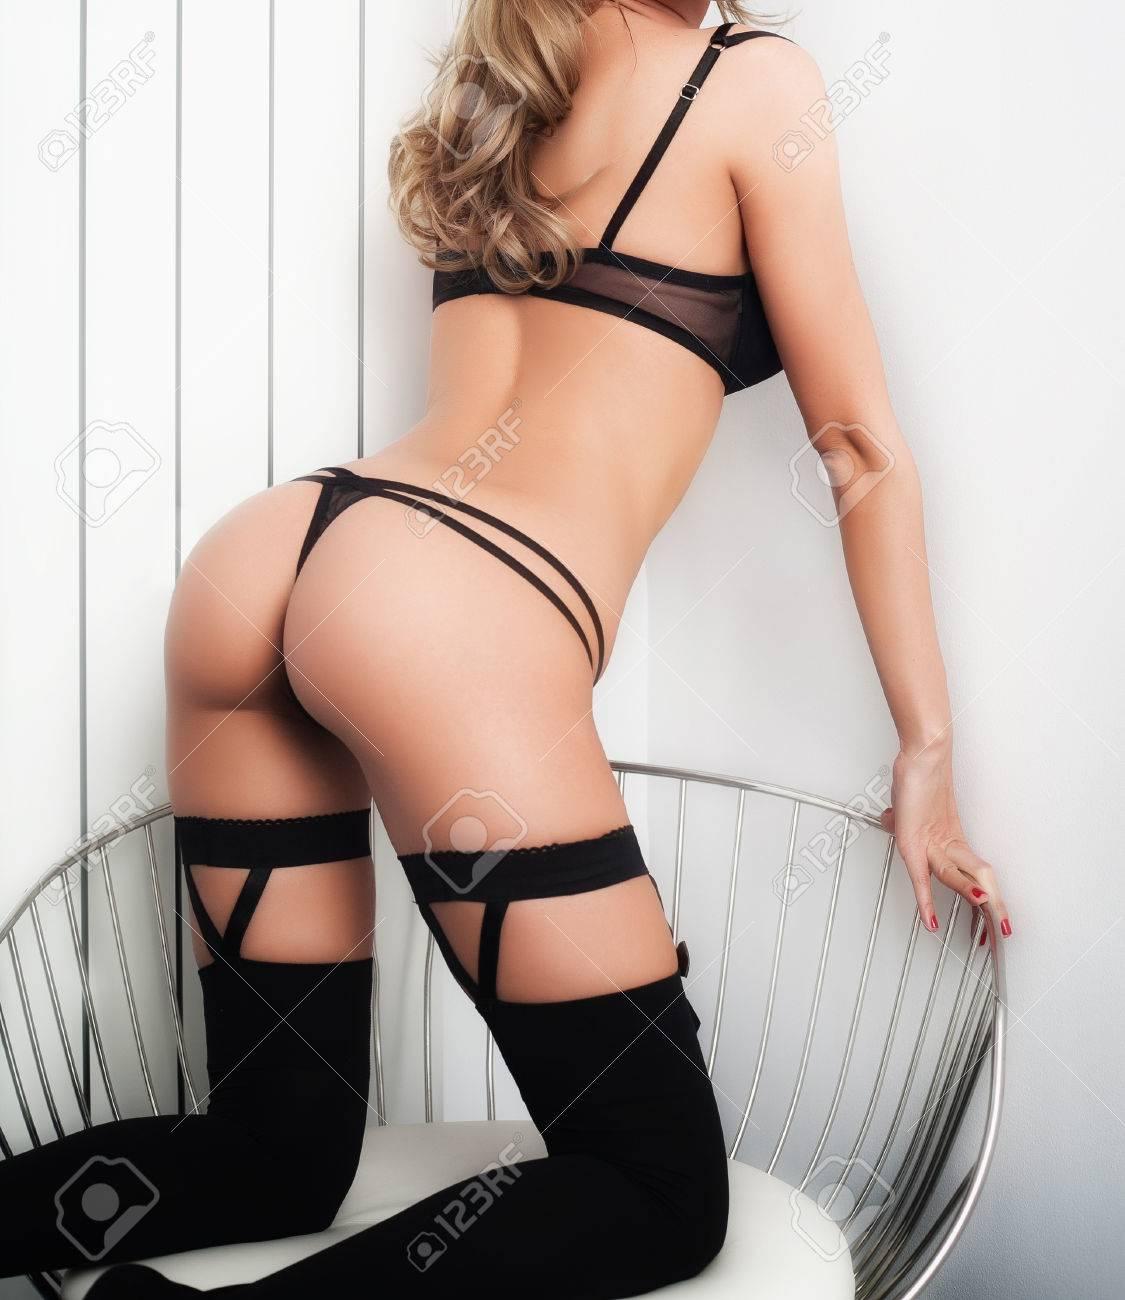 arsch sexy